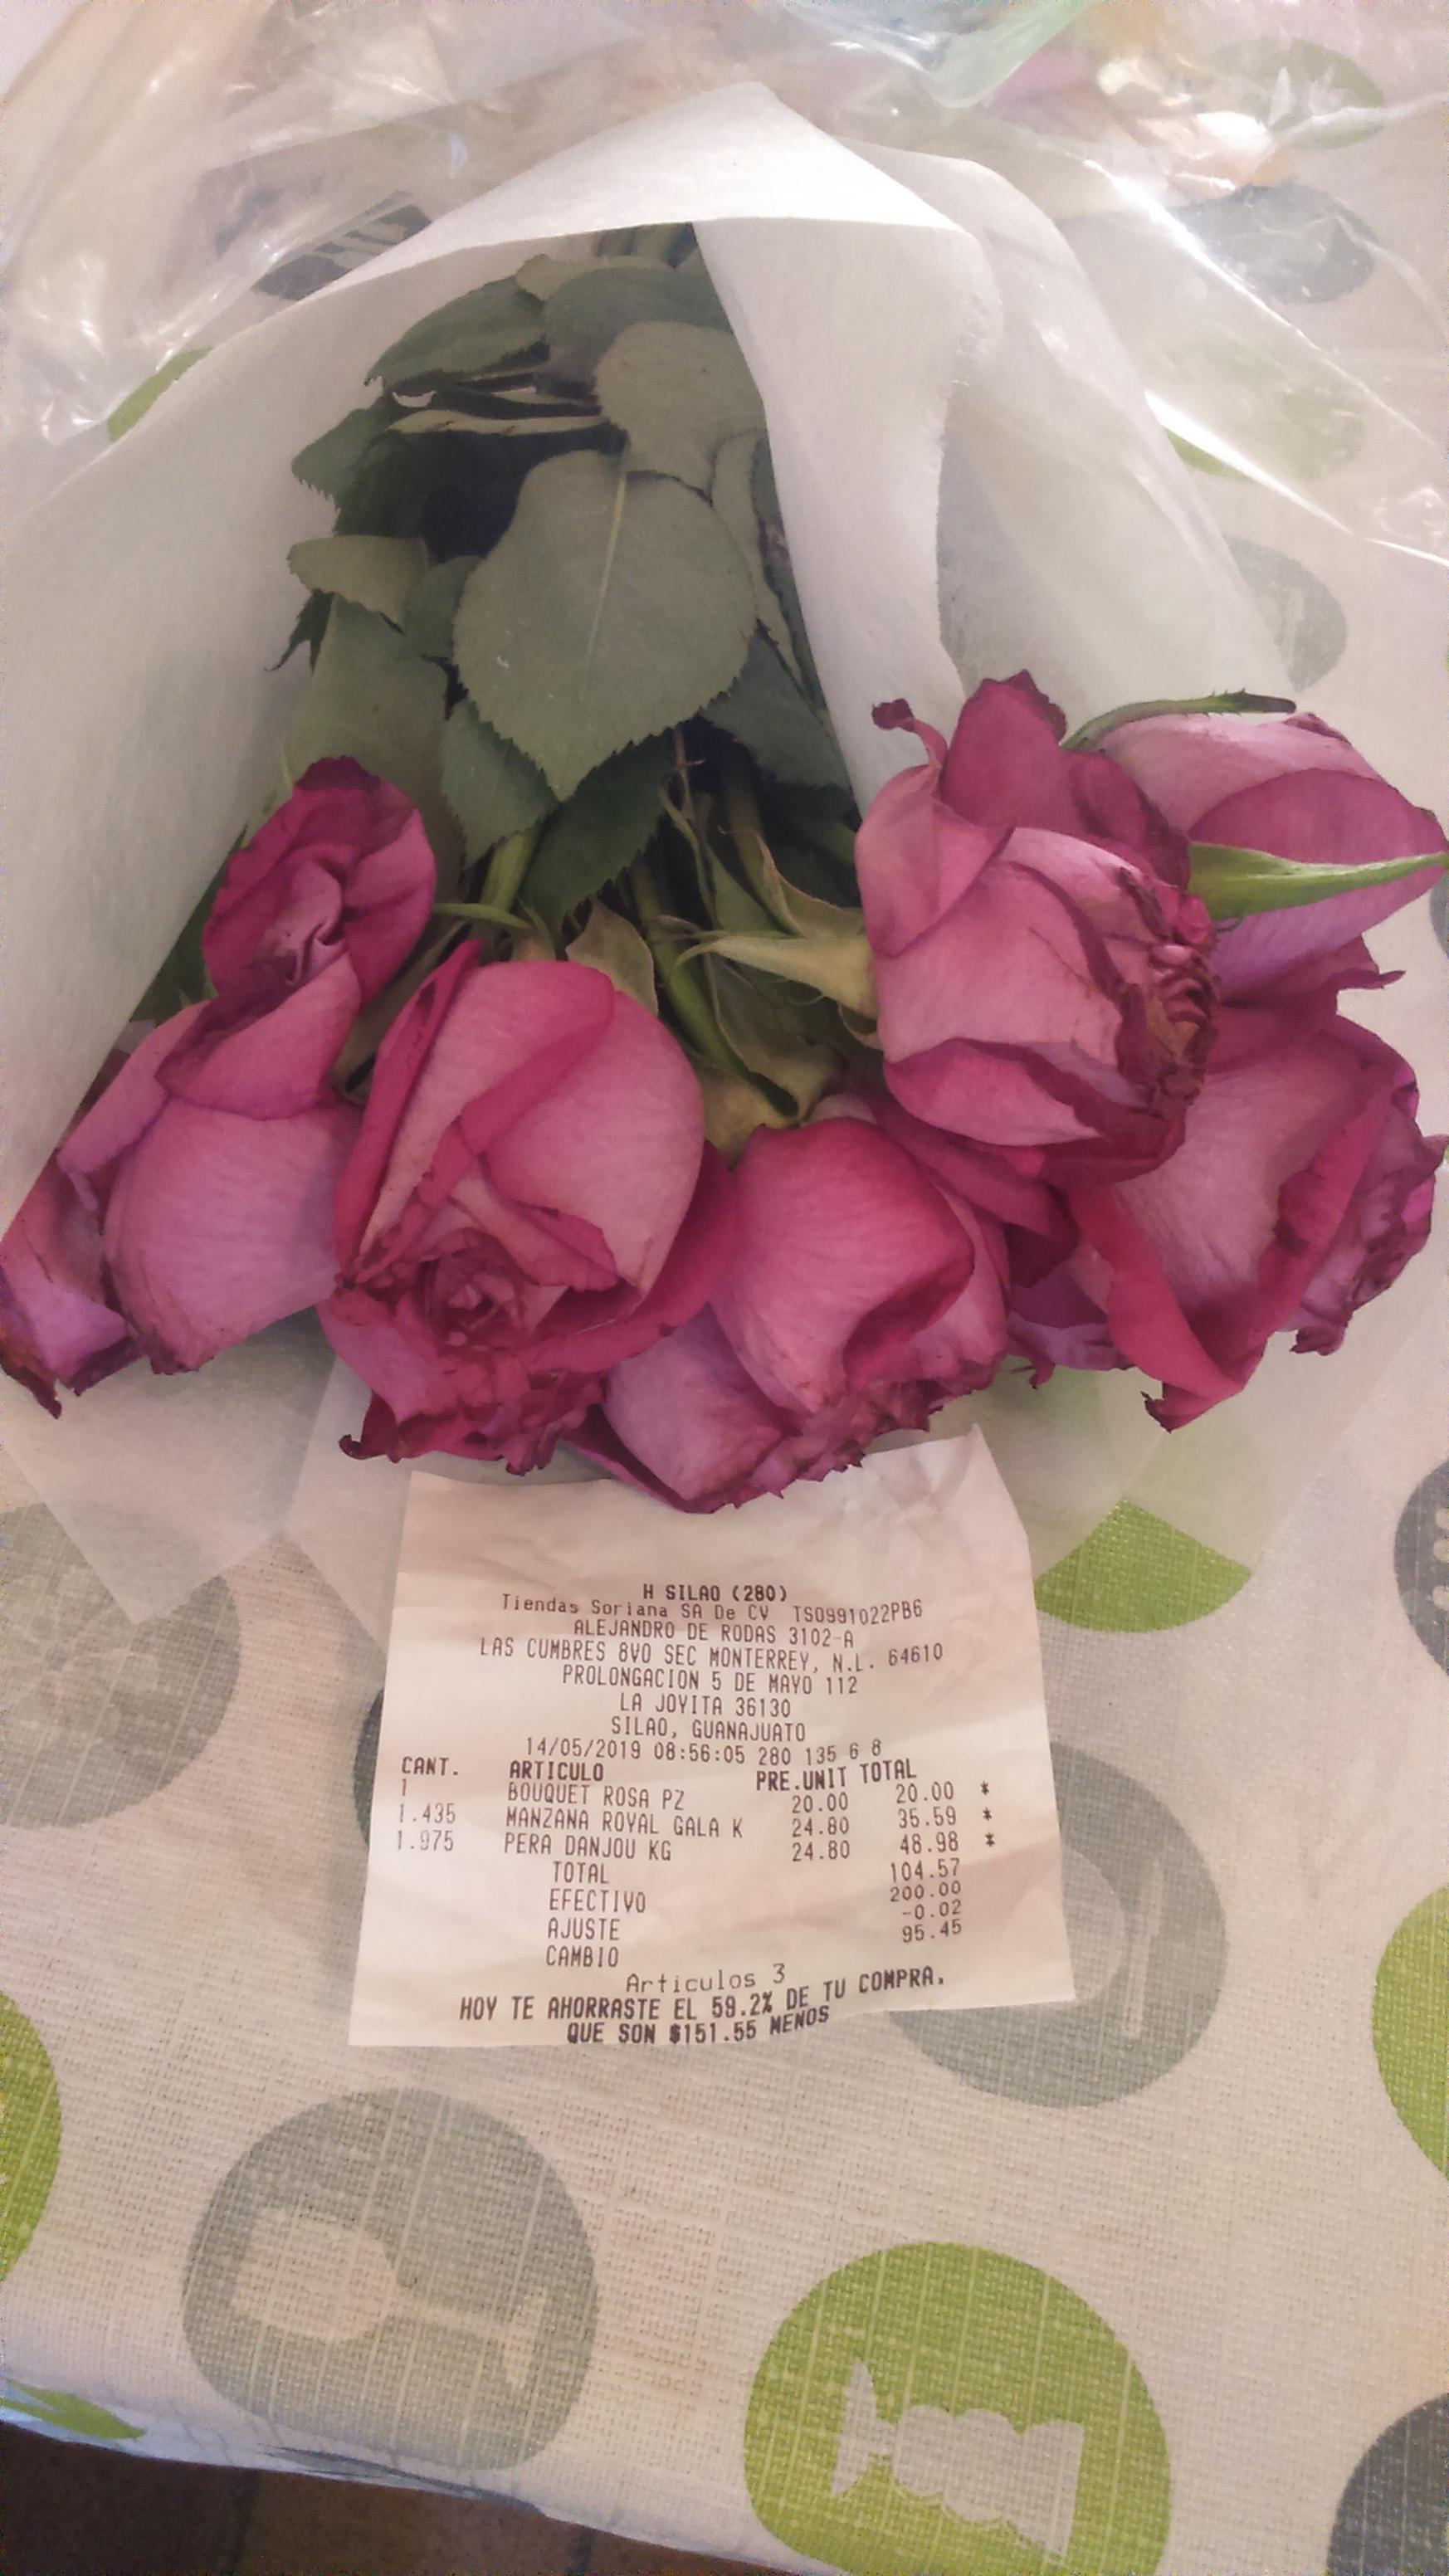 Soriana hiper Silao bouquet de rosas